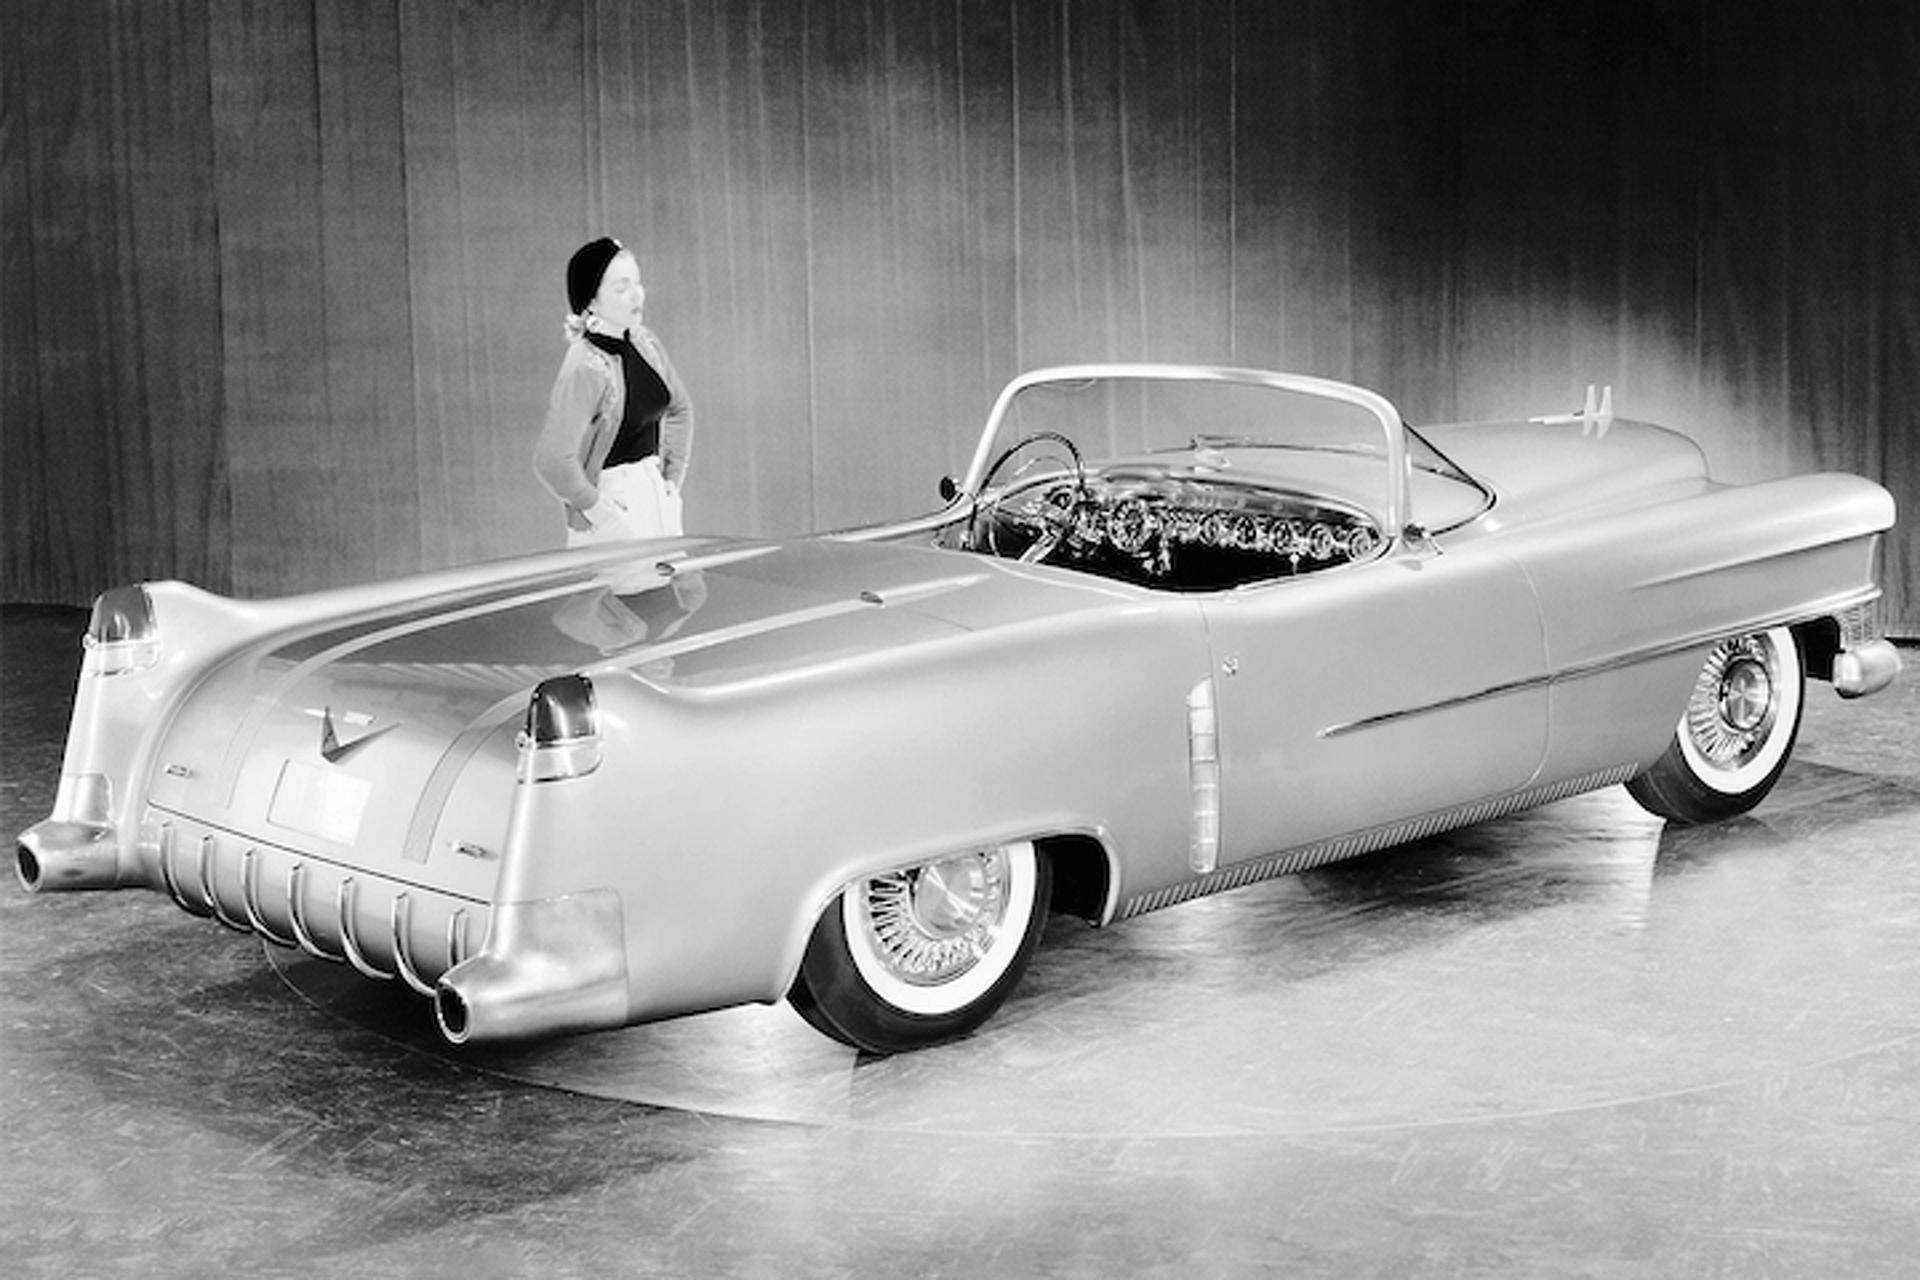 The Cadillac Le Mans: A Concept Car Shrouded in Mystery